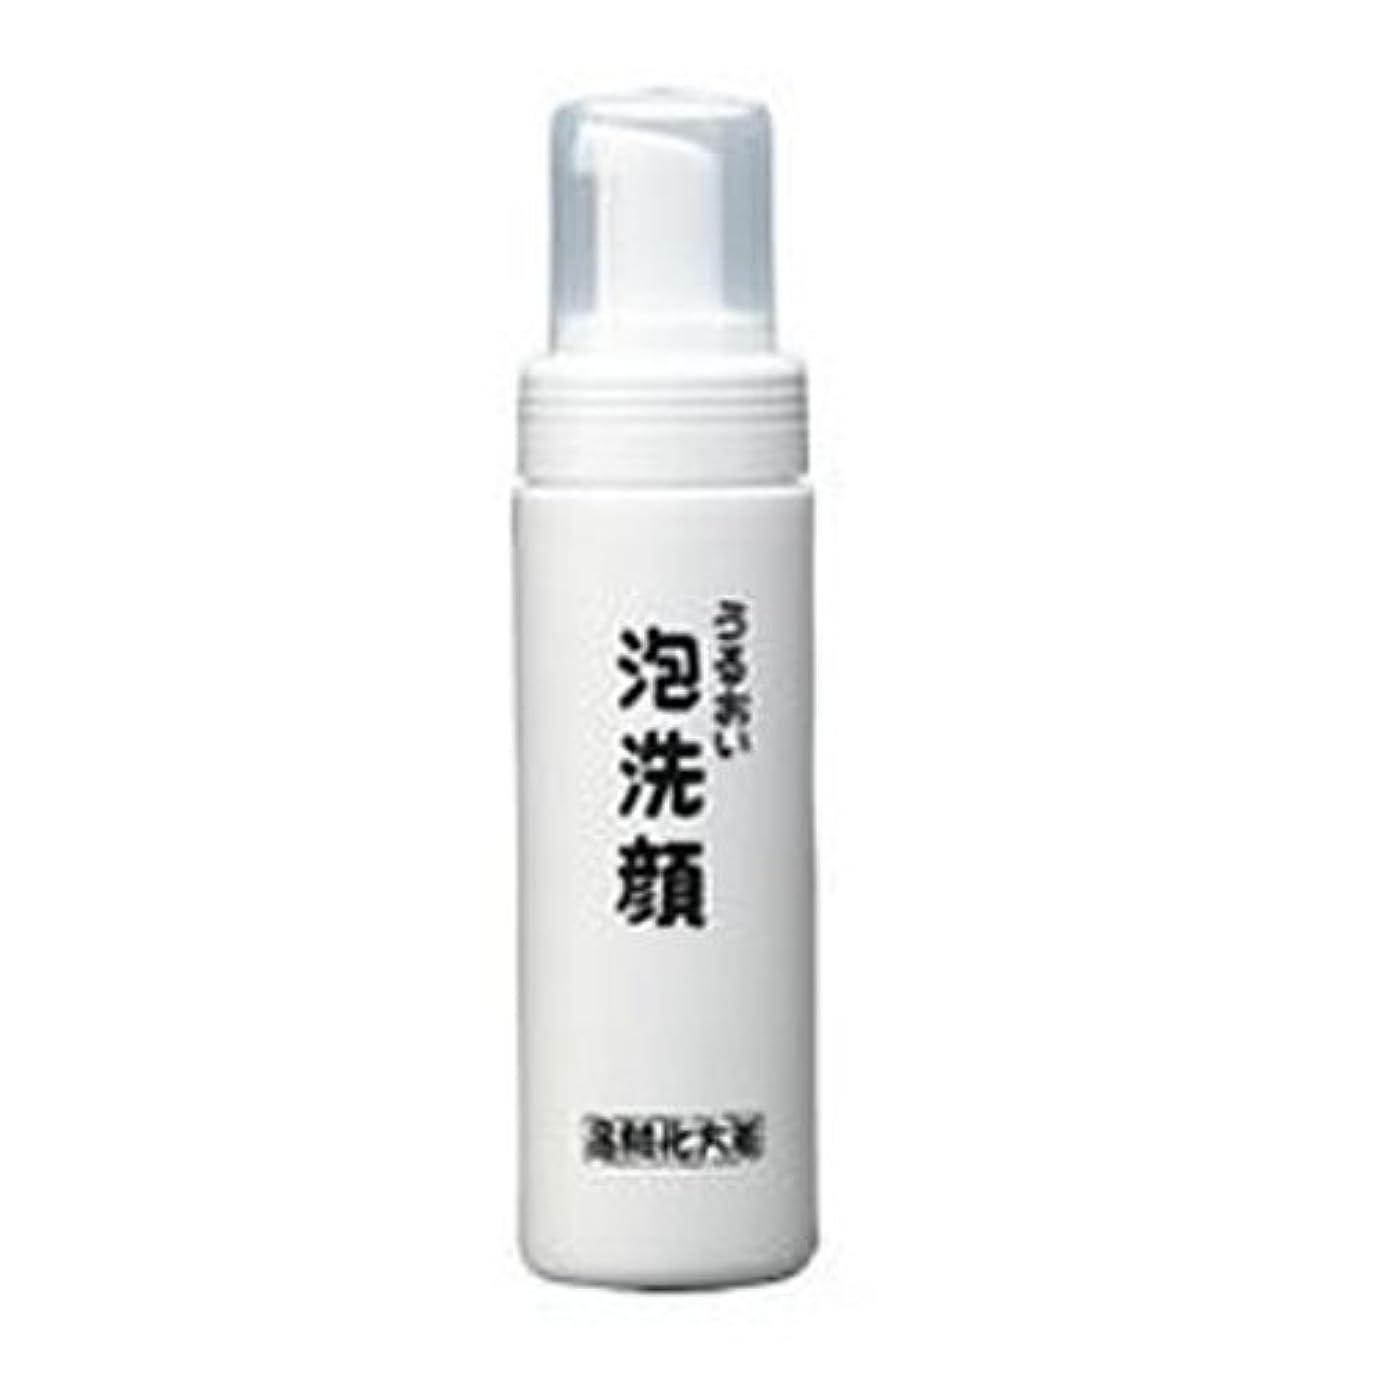 医療過誤フットボール同性愛者箸方化粧品 うるおい泡洗顔 150ml はしかた化粧品